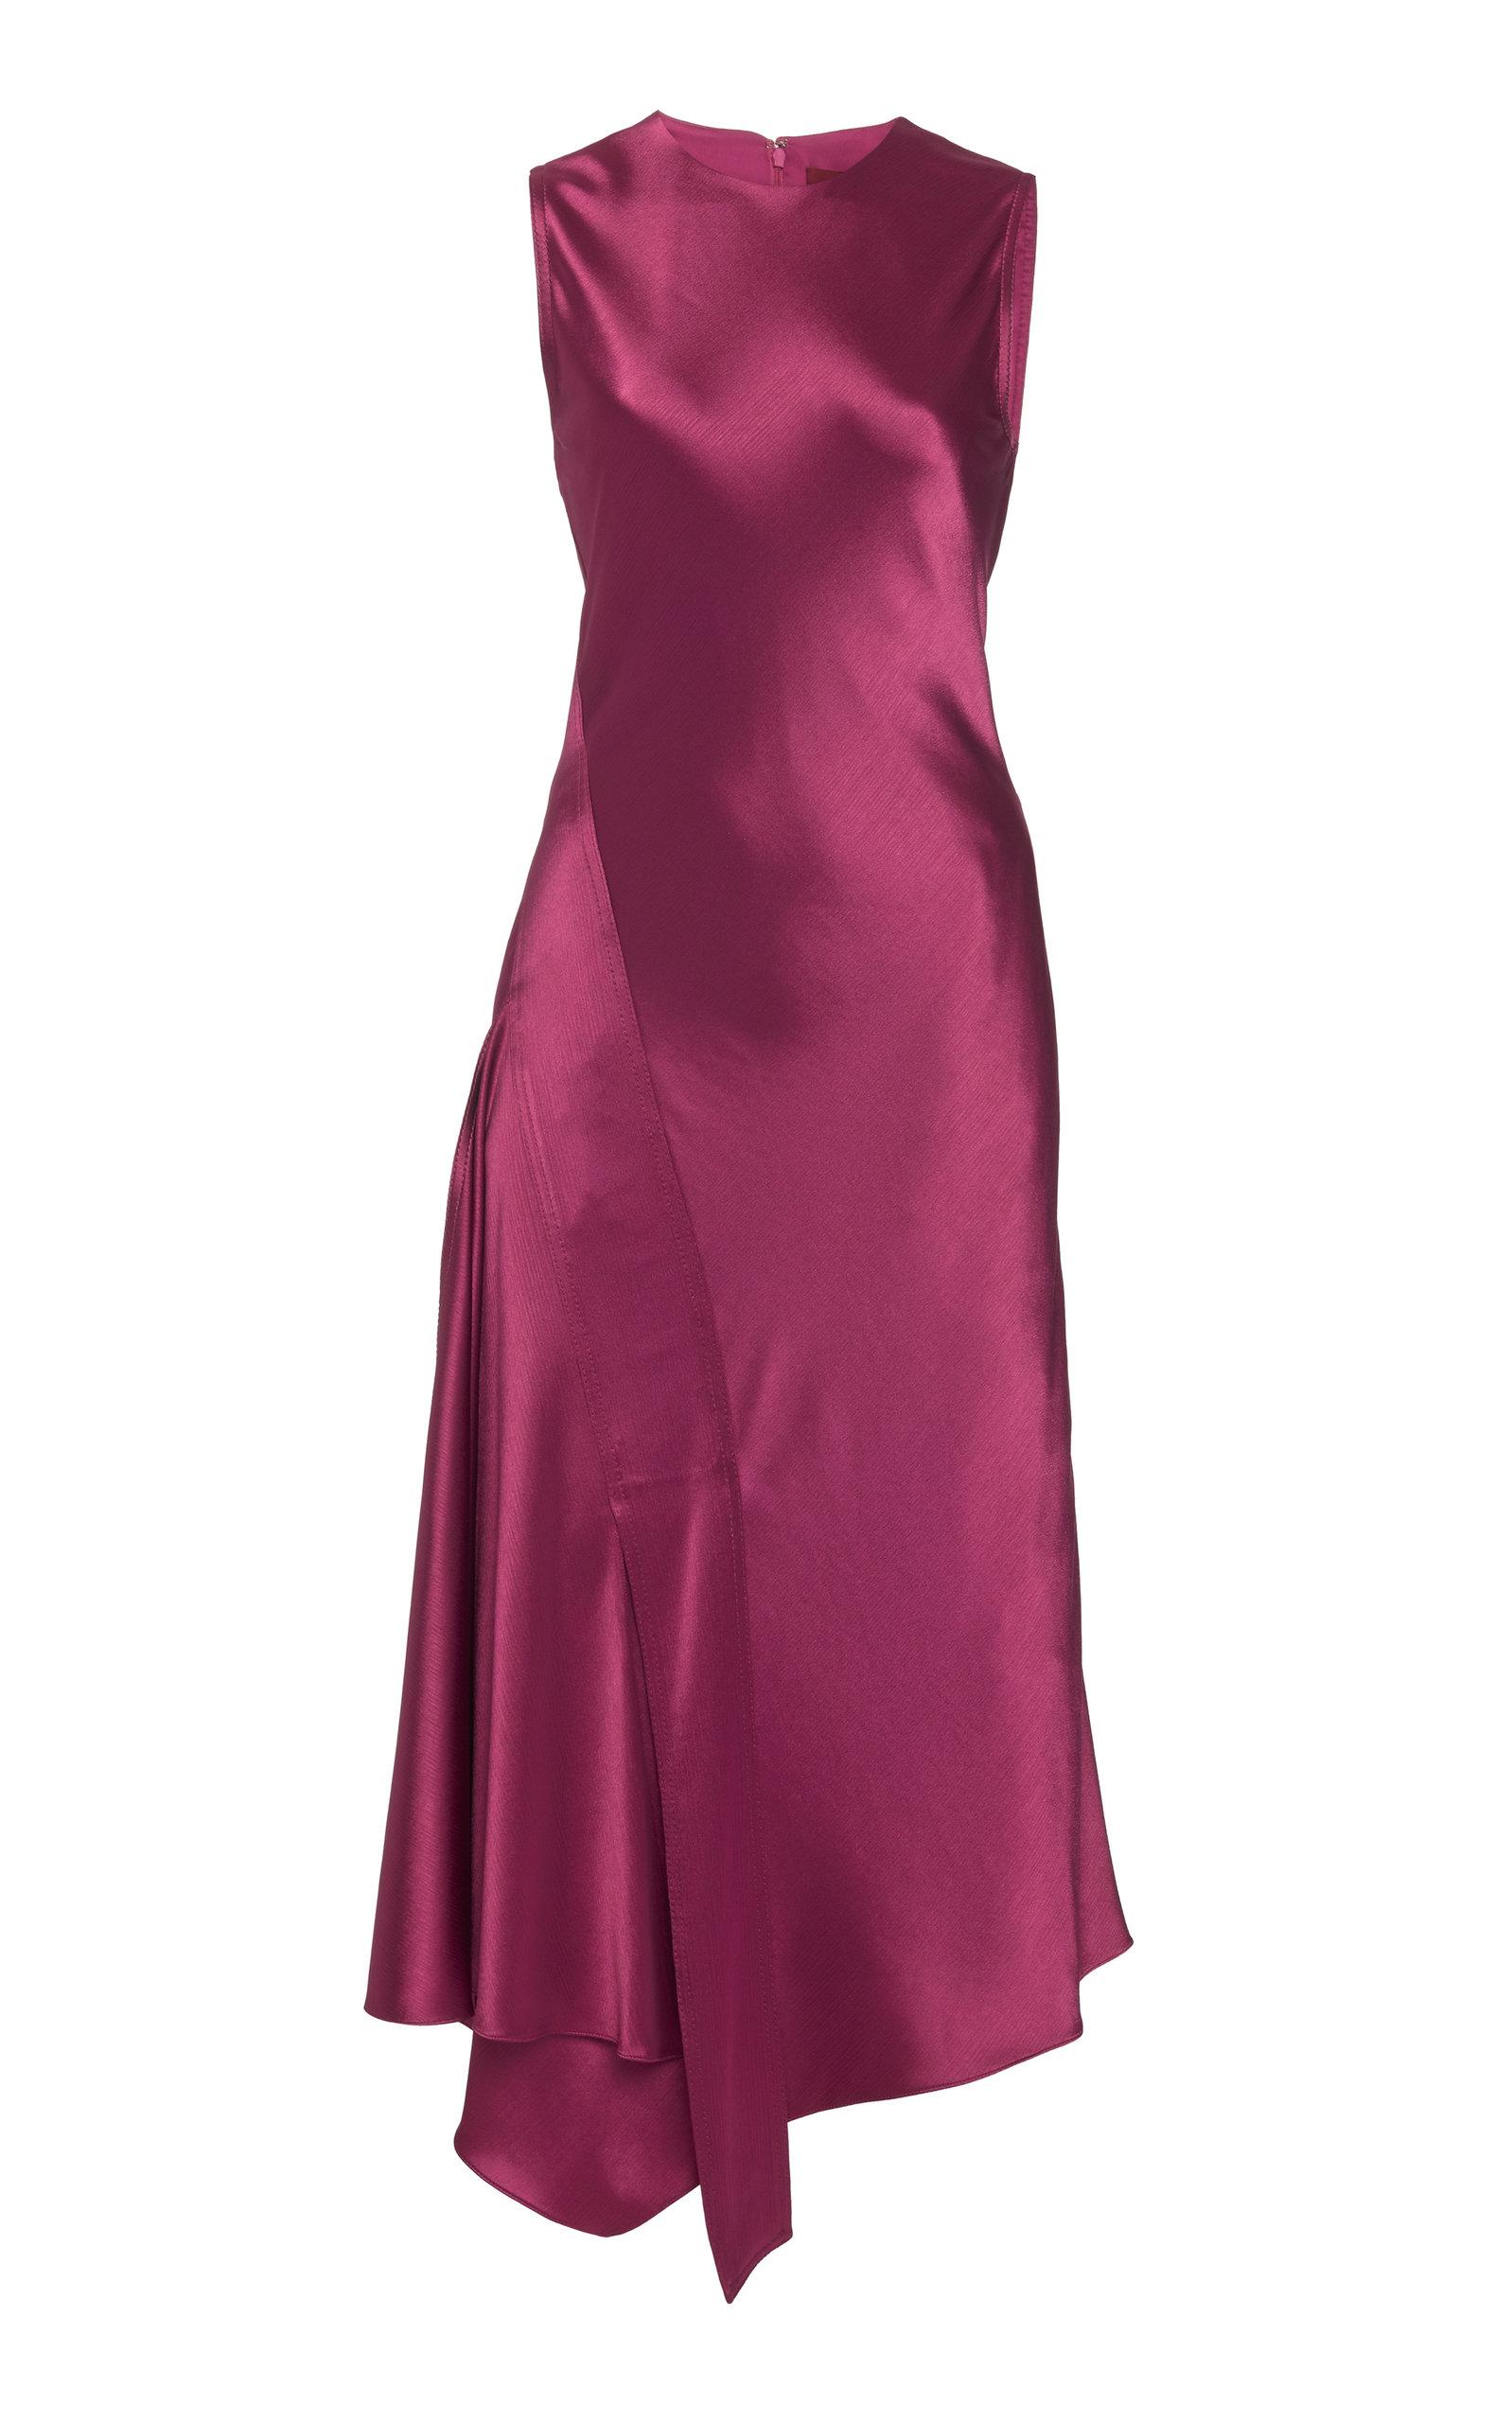 Buy Sies Marjan Vanessa Crinkled Satin Midi Dress online, shop Sies Marjan at the best price